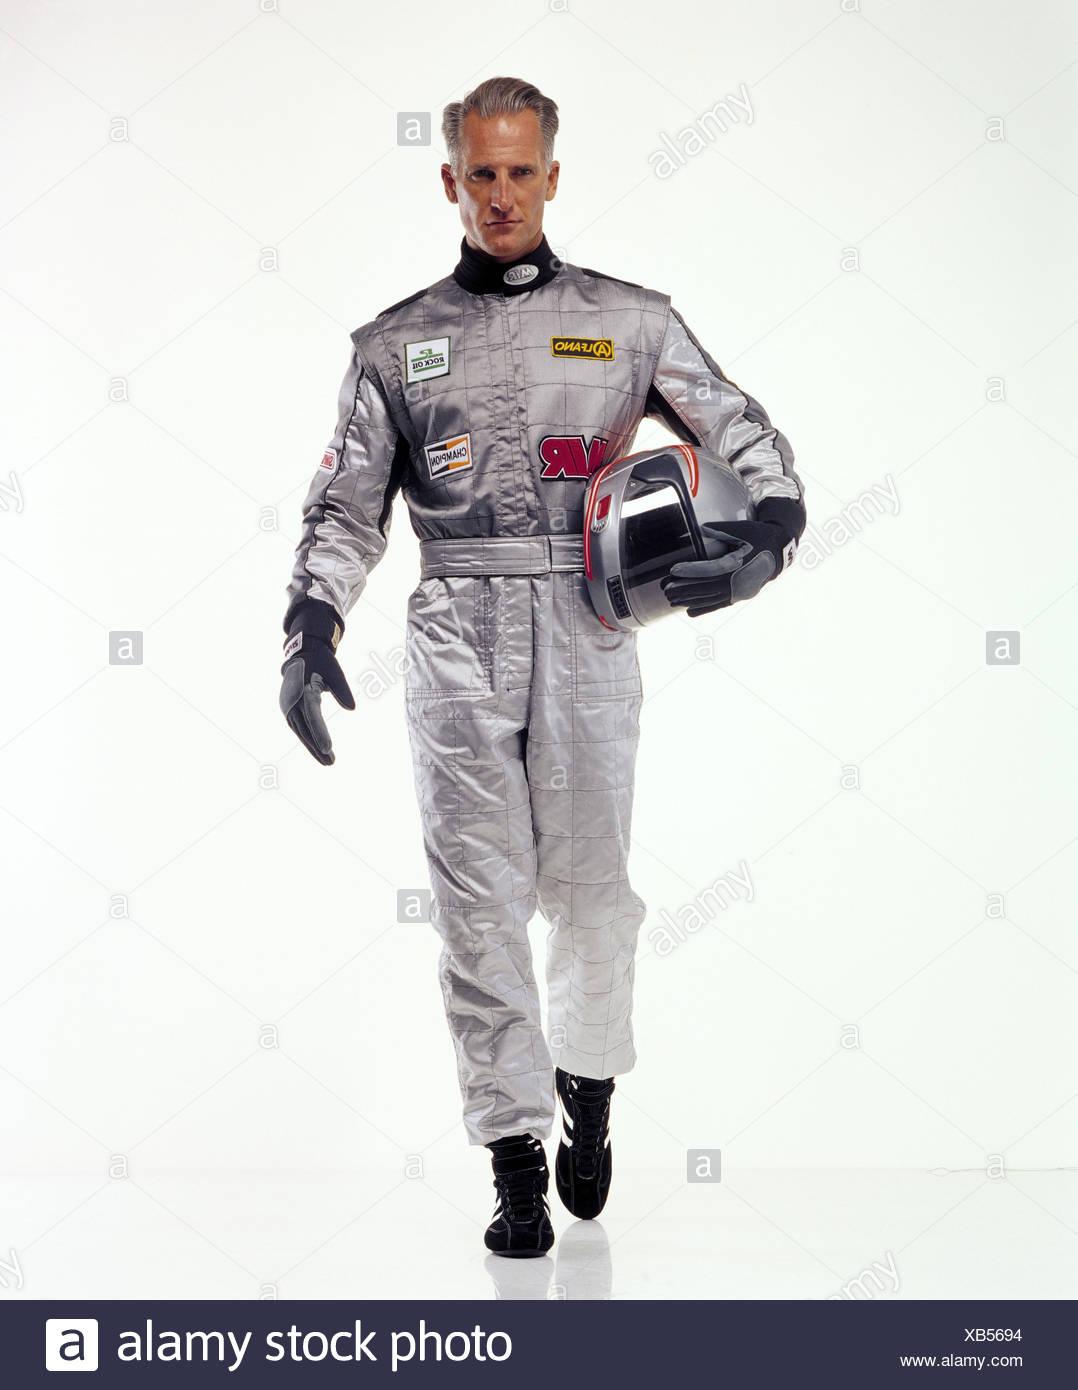 Motor Sport, piloto de carreras, en general, casco, plata, movimiento, vaya deporte de carreras, deporte, hombre, carreras de traje, casco de seguridad, casco de seguridad, casco, guantes, studio, frontalmente, Imagen De Stock